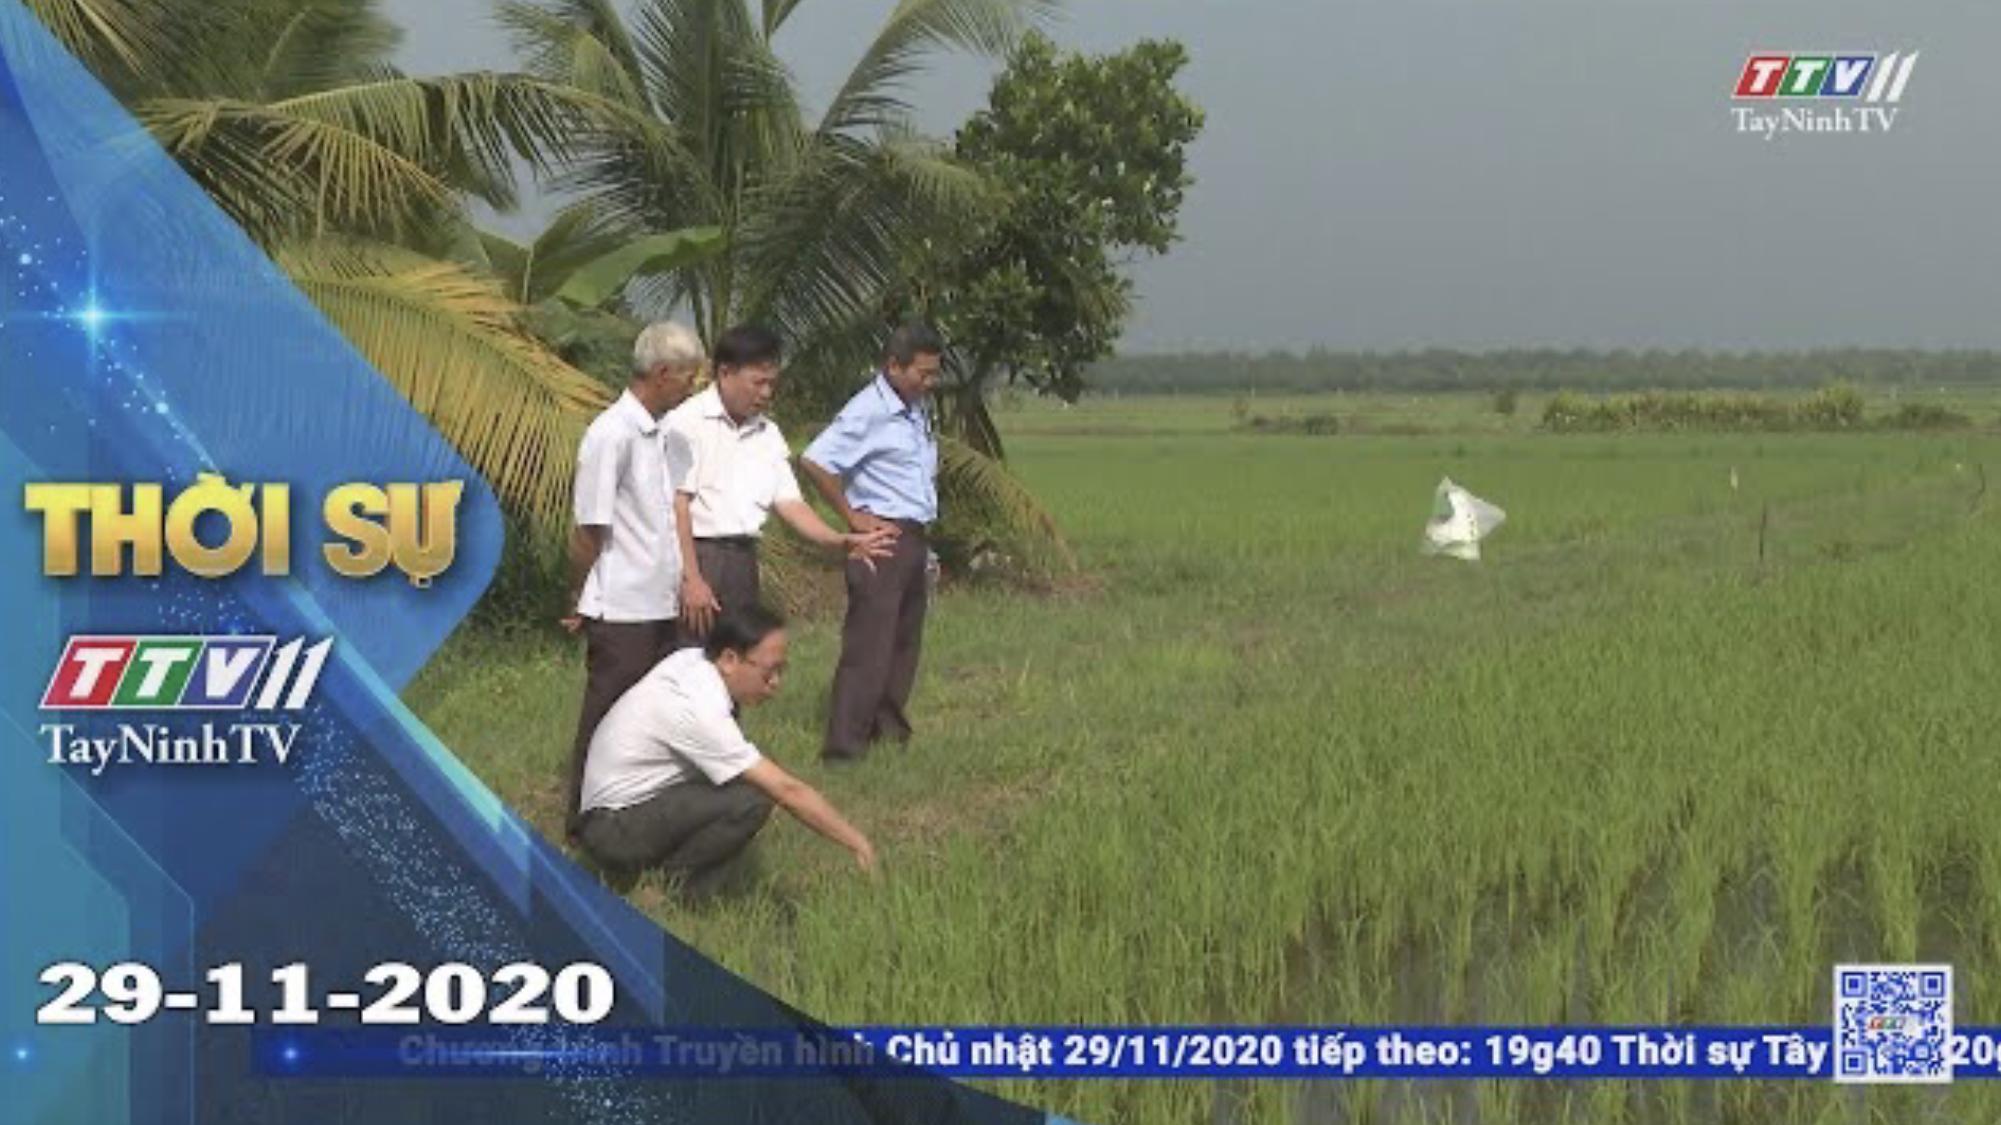 Thời sự Tây Ninh 29-11-2020 | Tin tức hôm nay | TayNinhTV